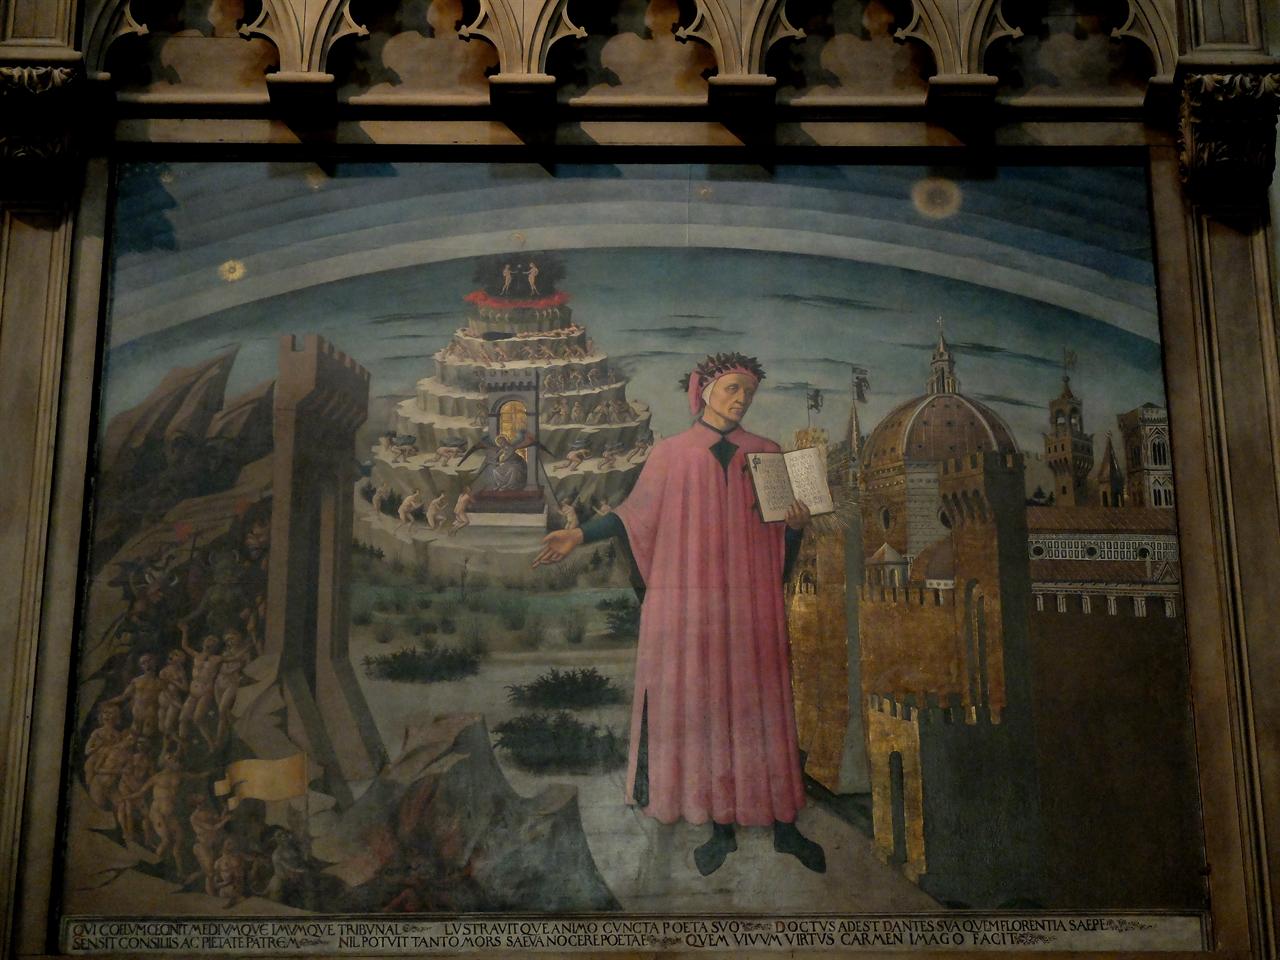 단테와 신곡 도메니코 디 미켈리노 '단테와 신곡', 피렌체, 산타 마리아 델 피오레 성당. 자신은 볼 수 없었던 15세기 피렌체의 두오모를 배경으로 신곡을 들고 있는 단테의 모습입니다.